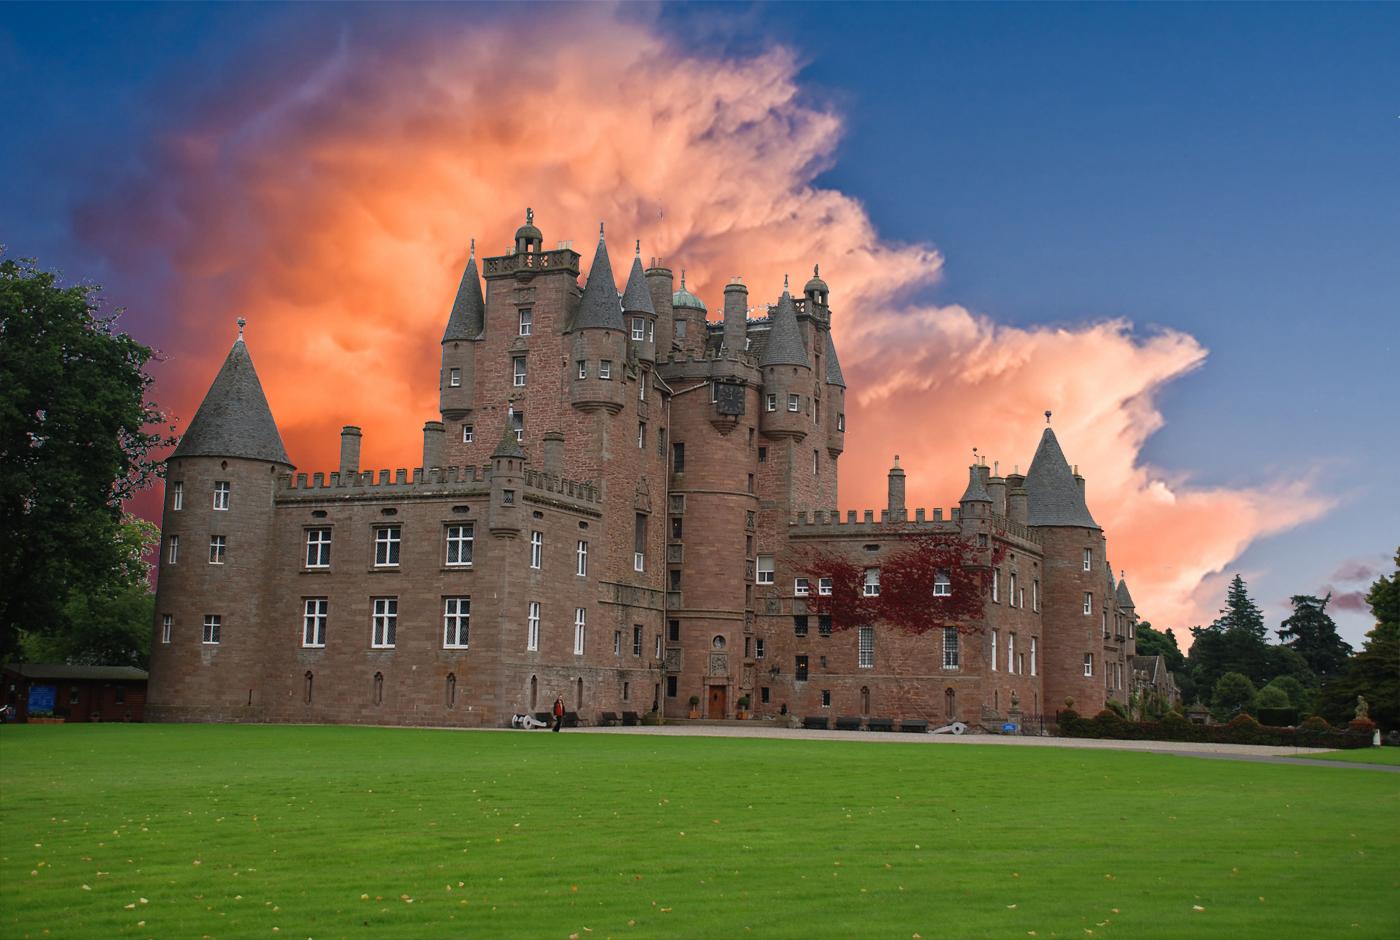 Шотландия, glamis castle, мистика